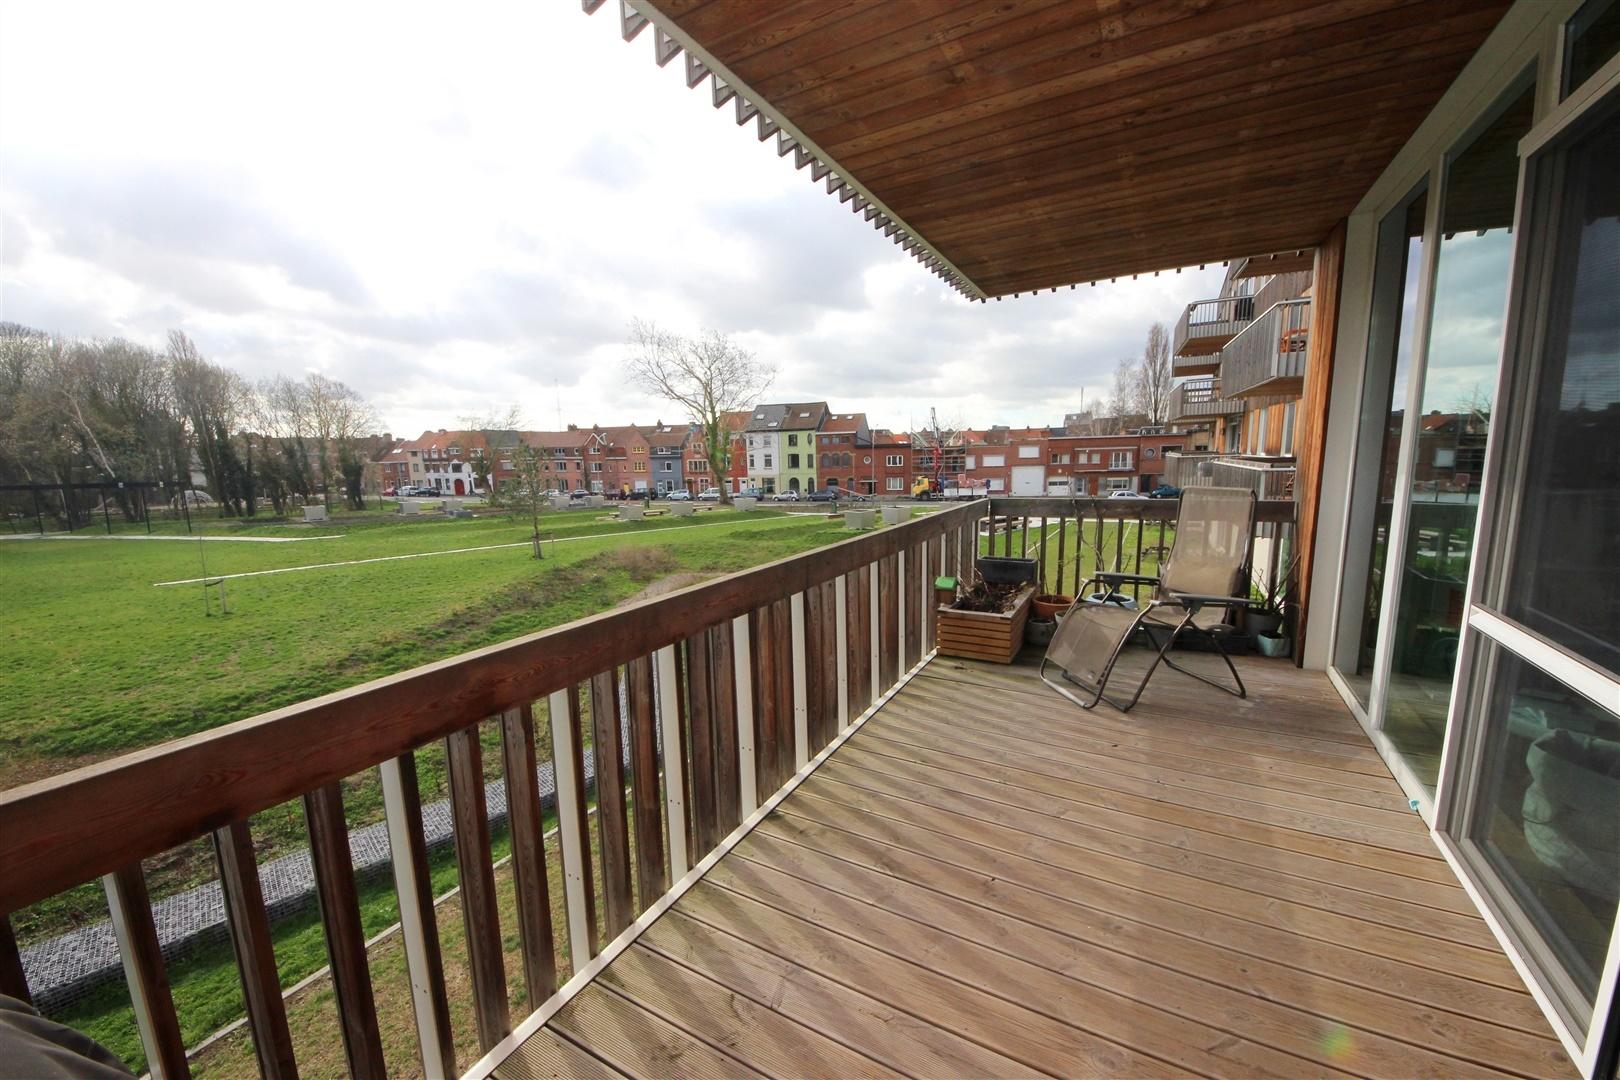 Schitterend nieuwbouwappartement in groene omgeving